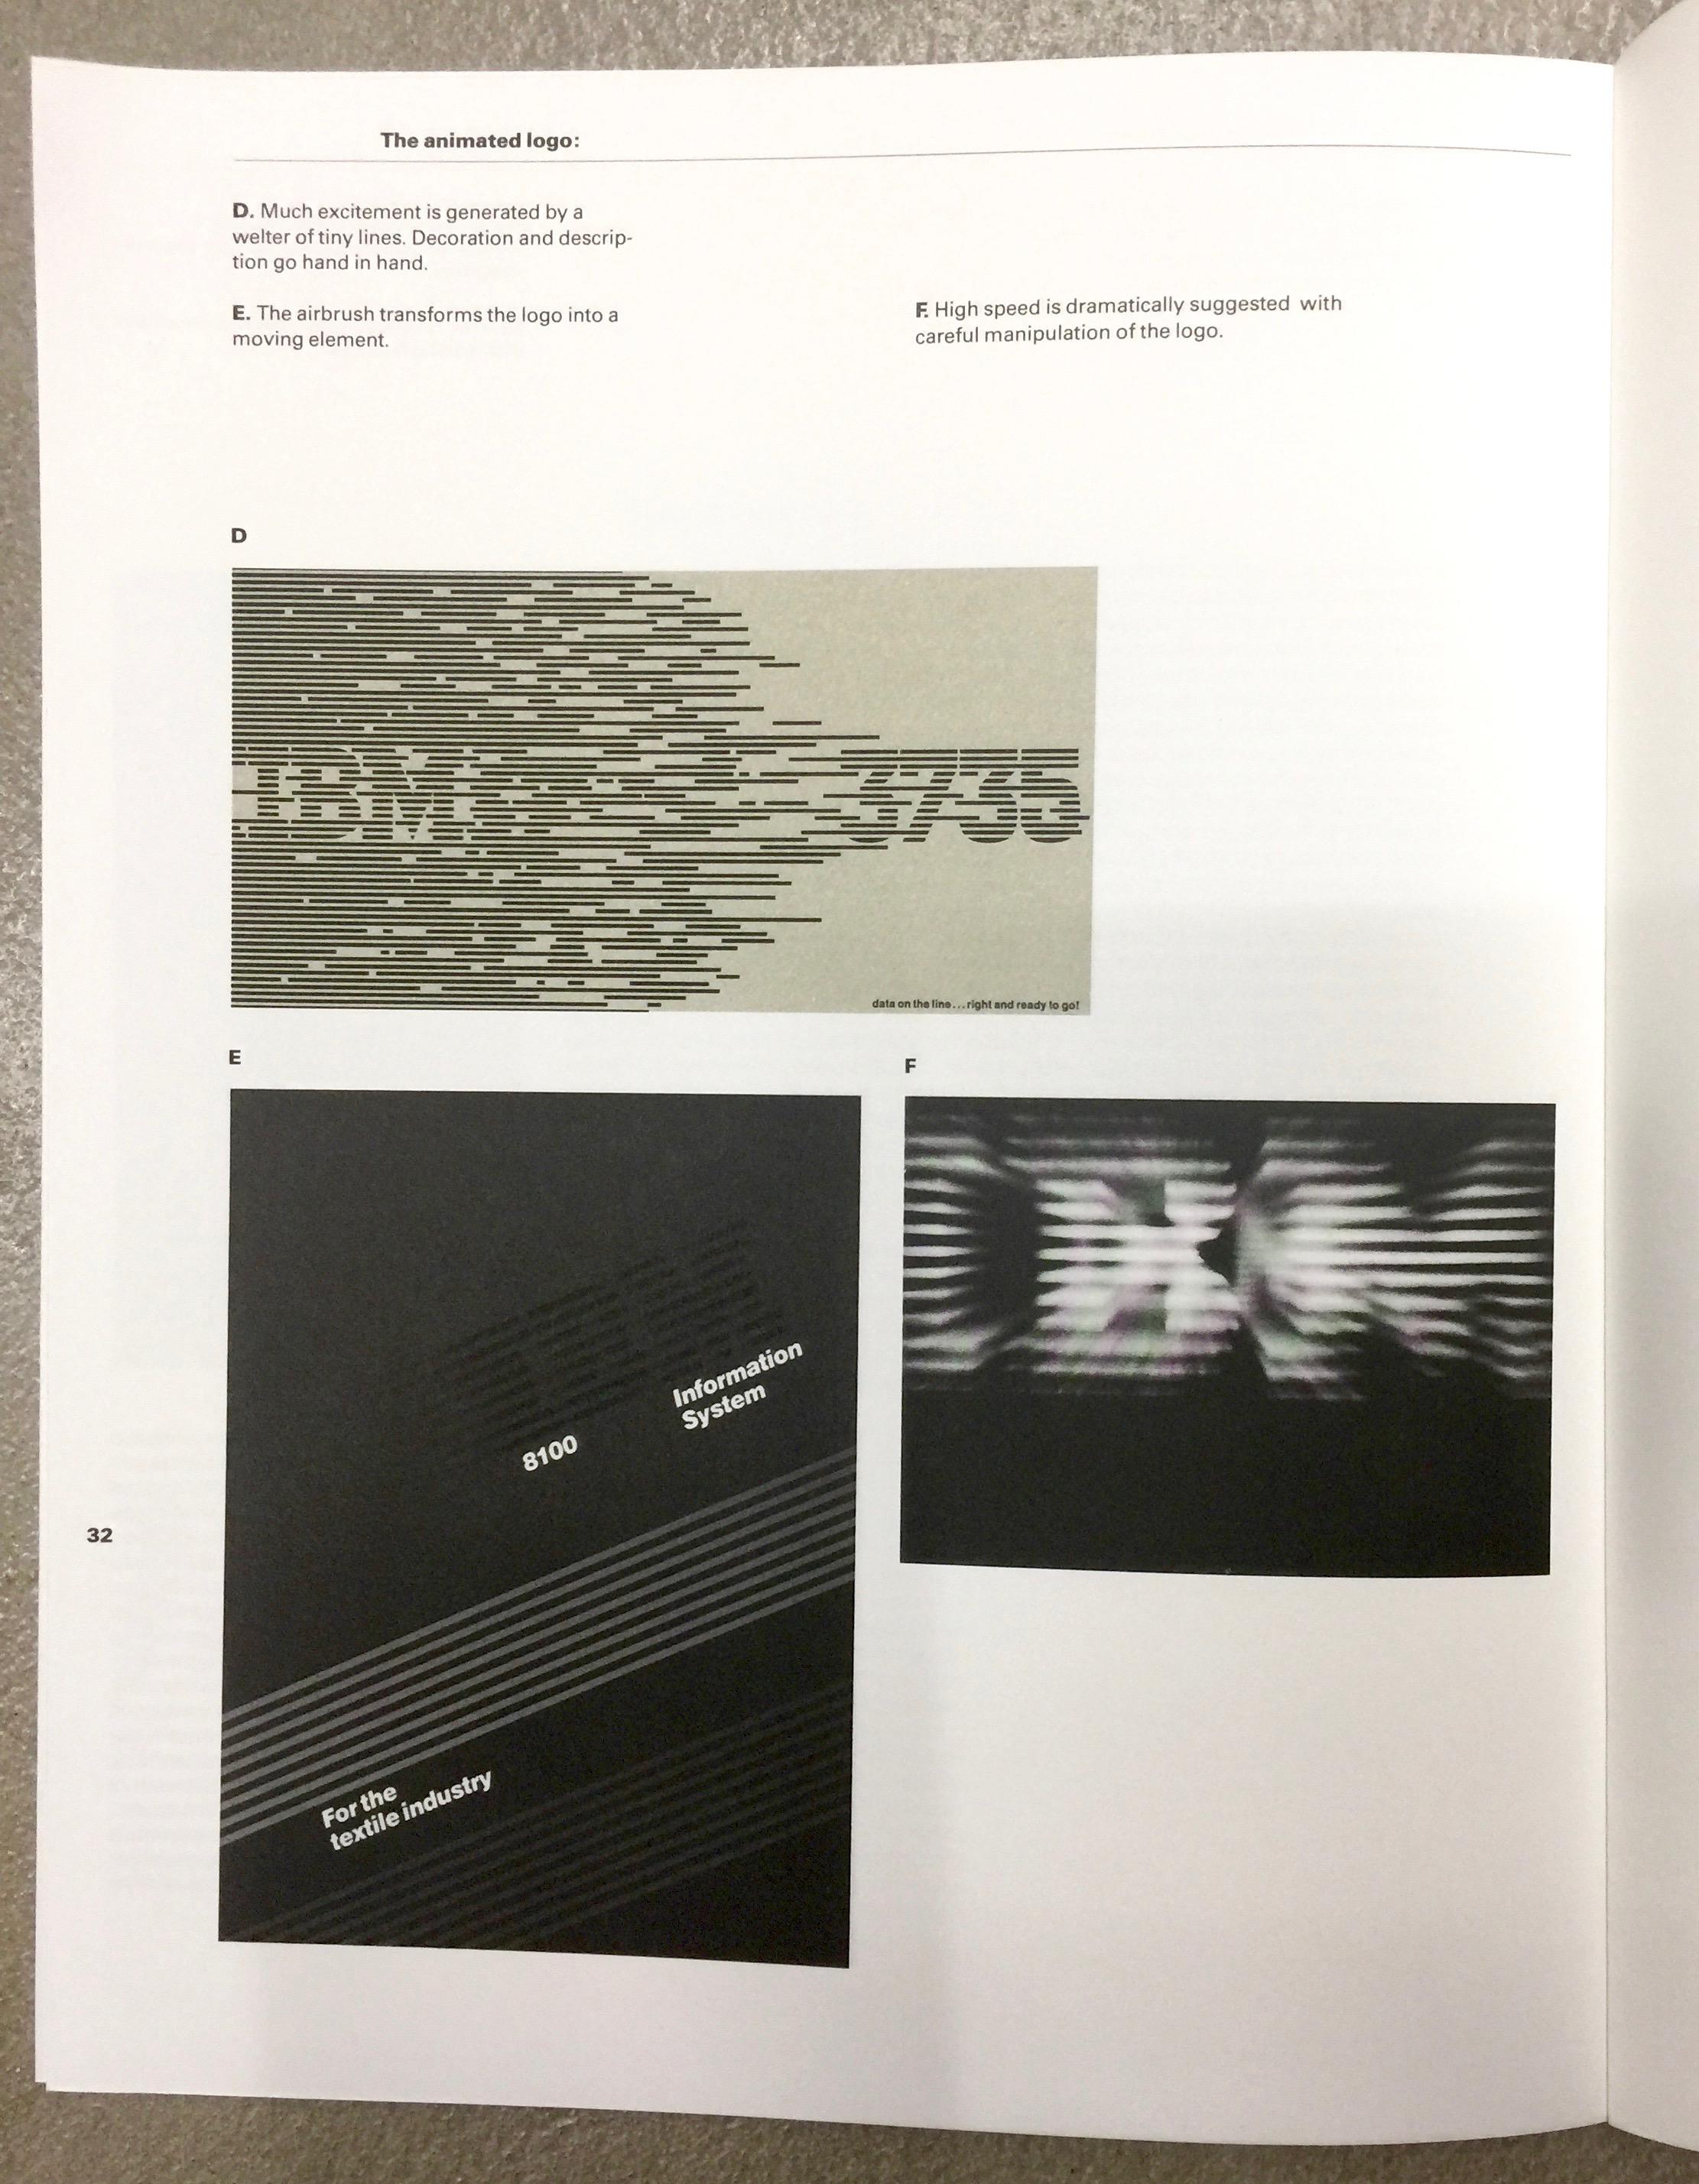 letterformArchive_brandguide_1847.jpg